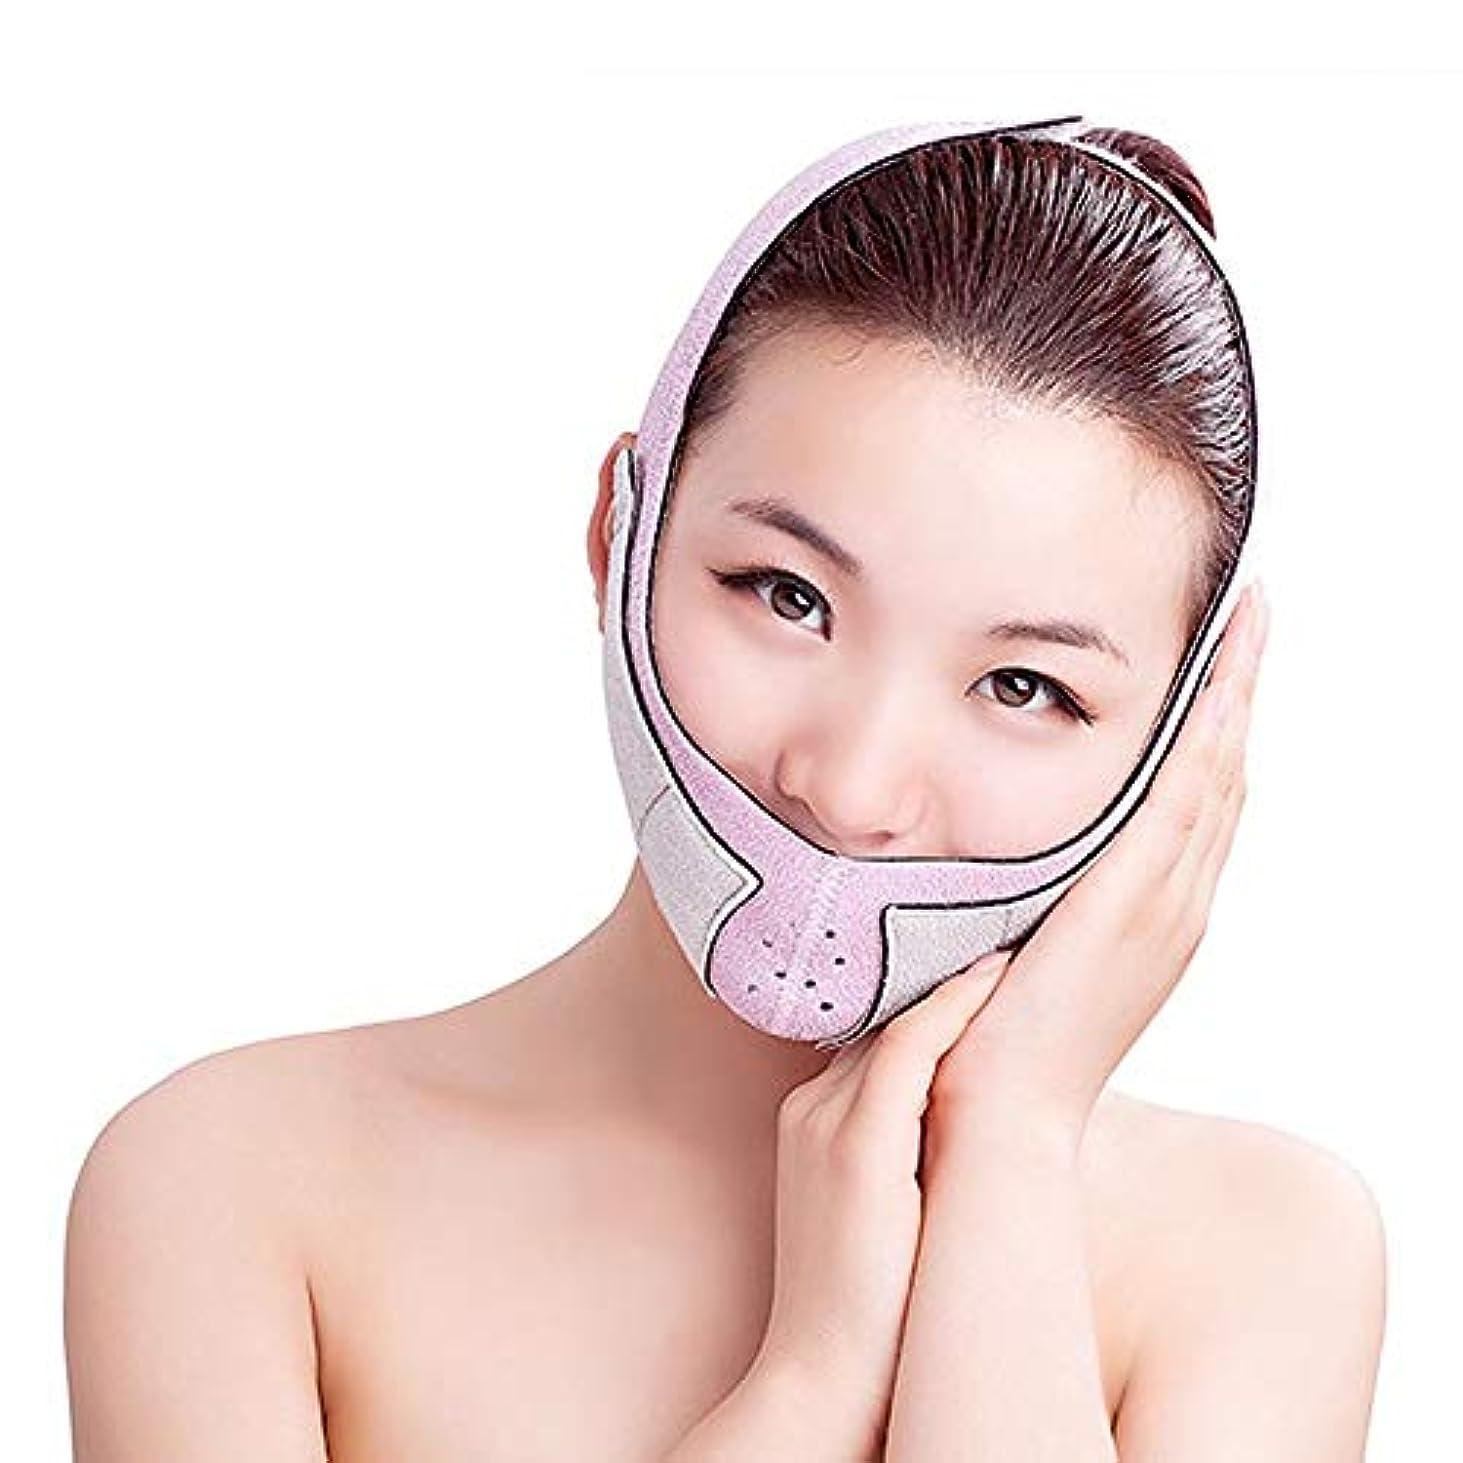 松明ピン有効化フェイスリフトベルト 薄い顔のベルト - 薄い顔のベルト通気性の補正3D薄い顔のV顔のベルトの包帯薄い顔のアーティファクト (色 : B)